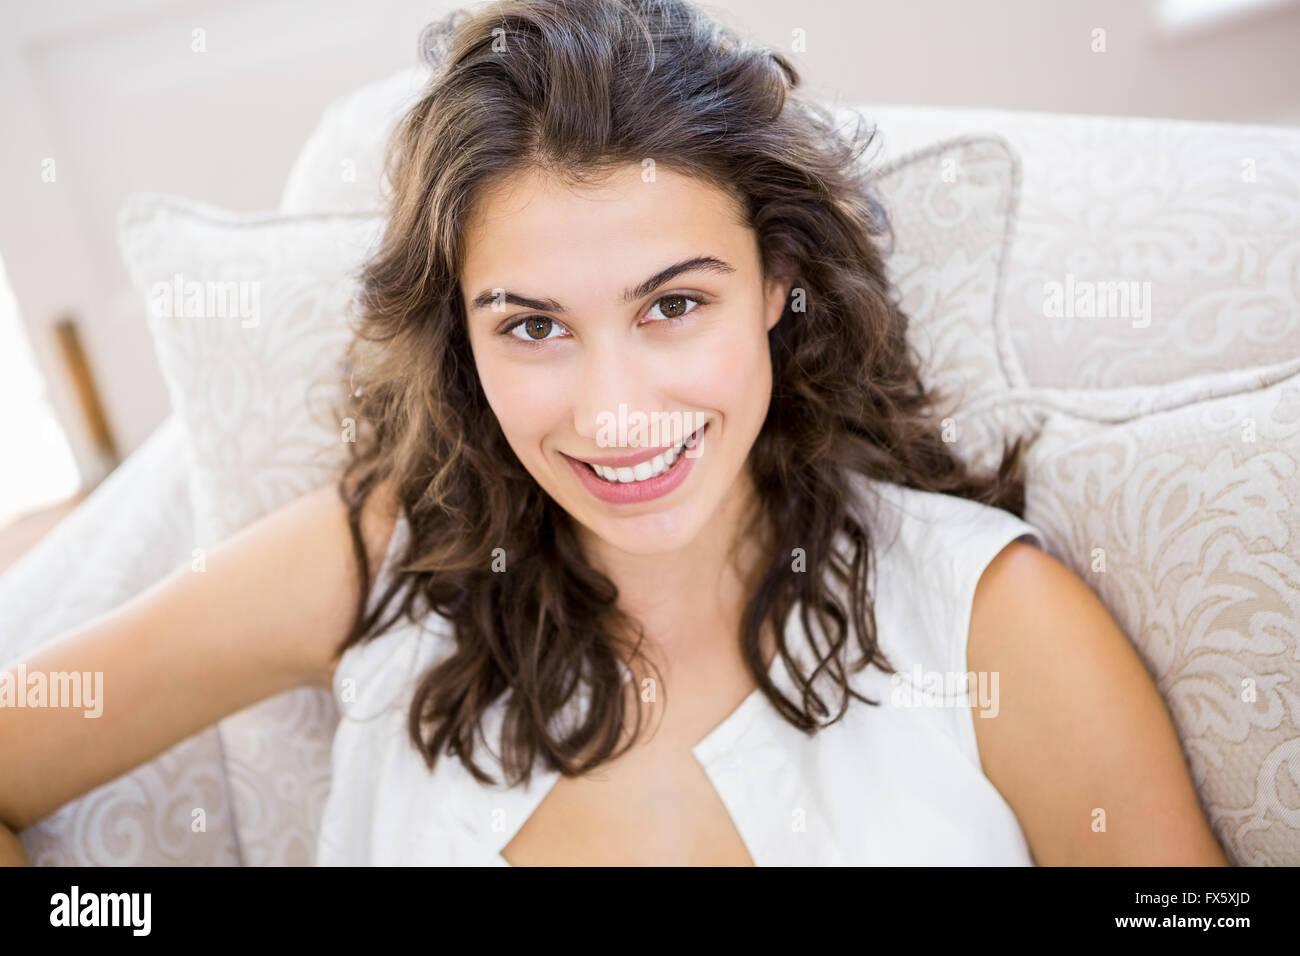 Ritratto di bella donna sorridente Immagini Stock